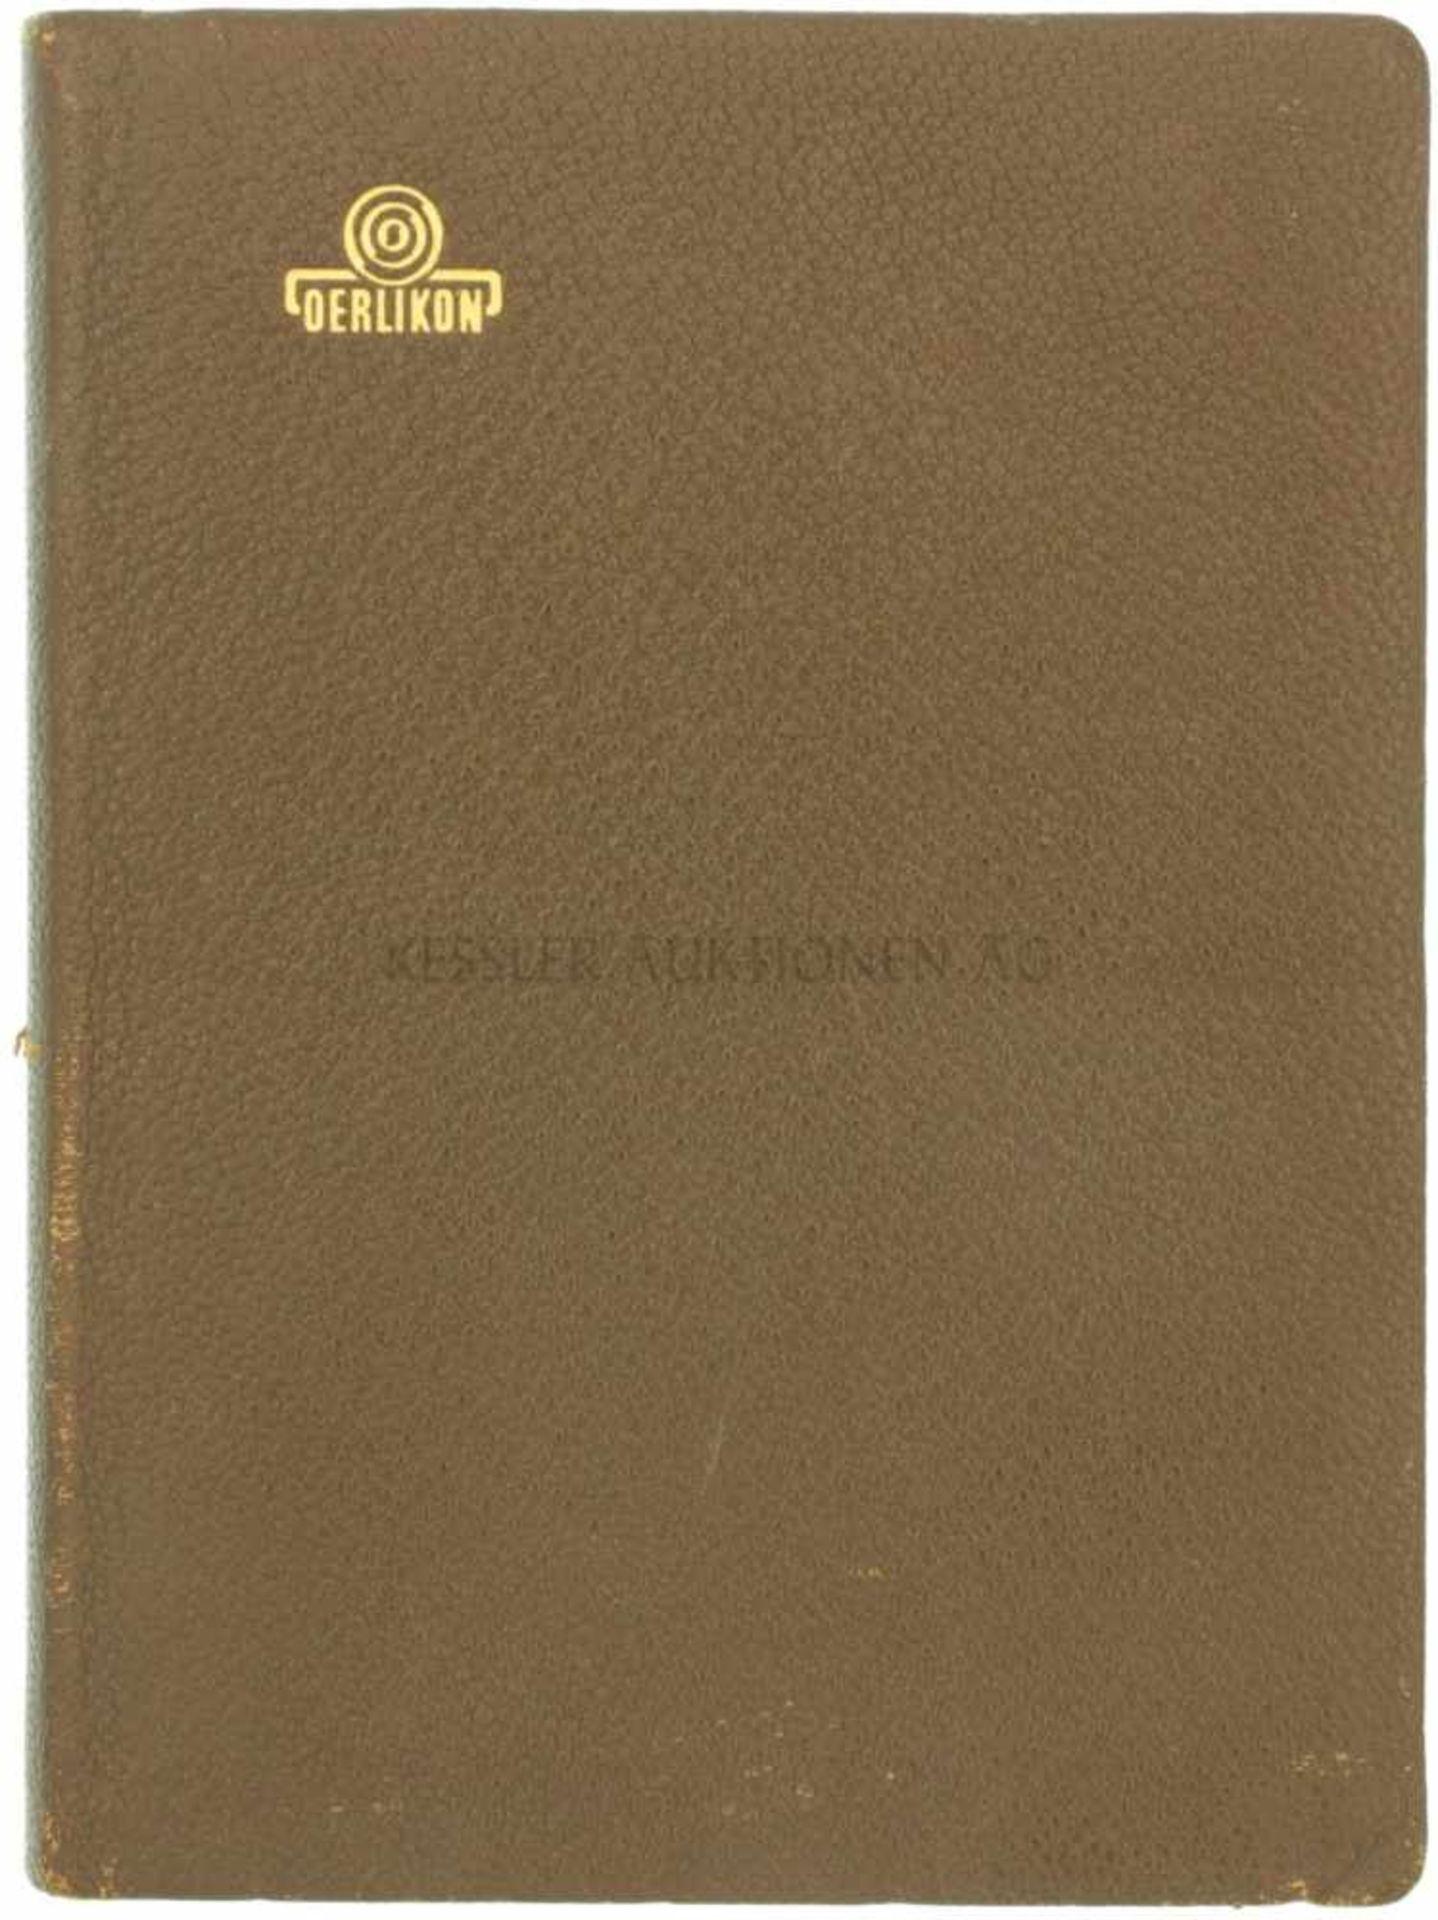 Oerlikon Taschenbuch 1962 In spanischer Sprache verfasstes Taschenbuch der Werkzeugmaschinenfabrik